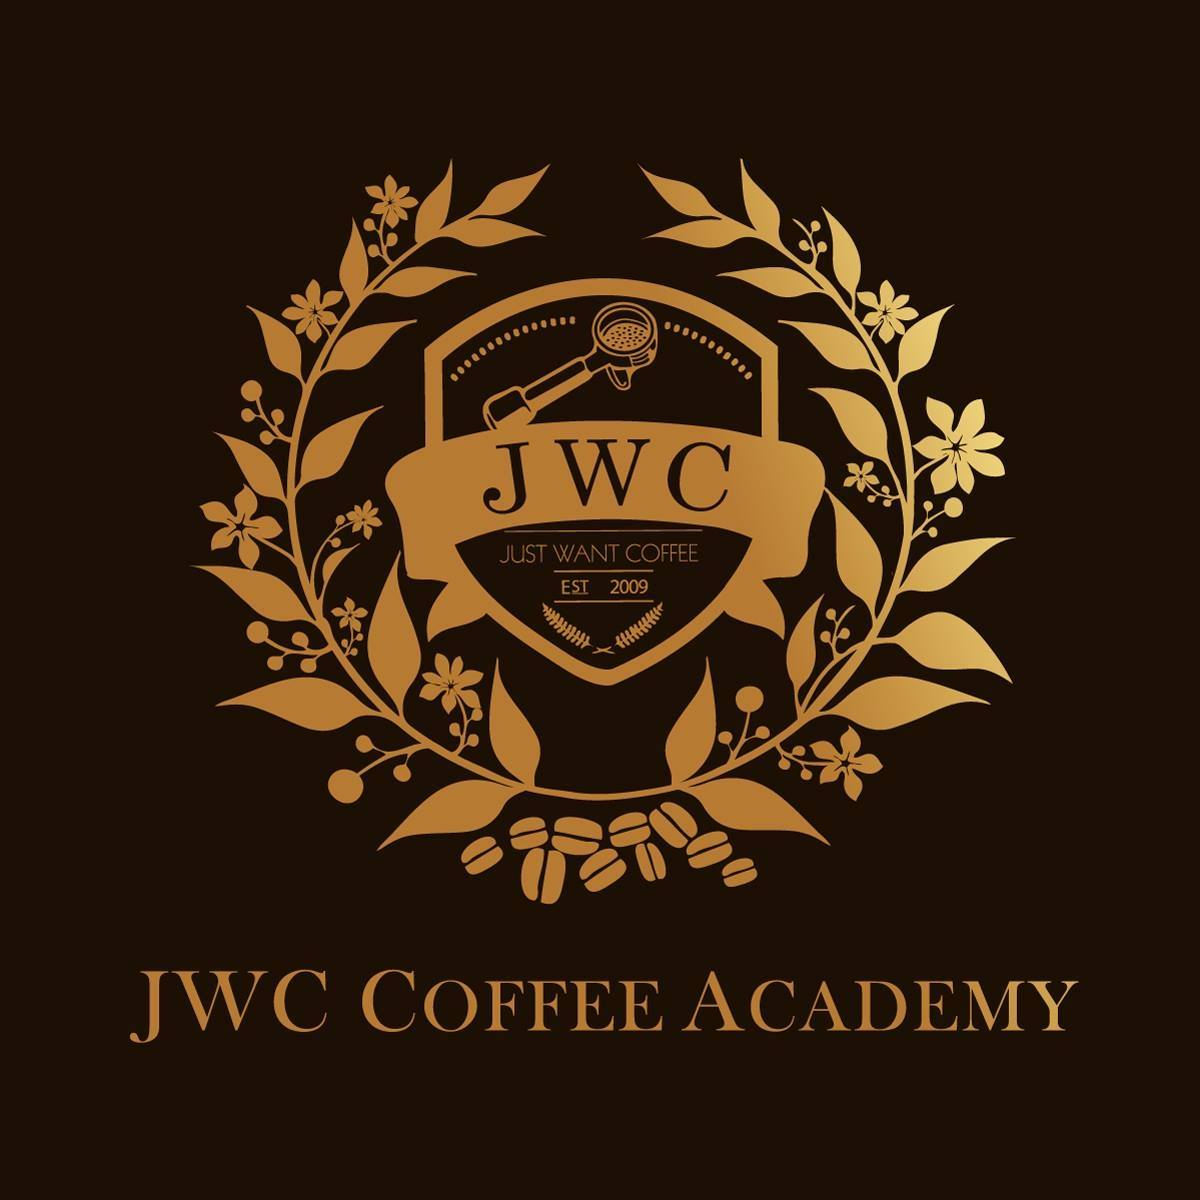 JWC Coffee Academy